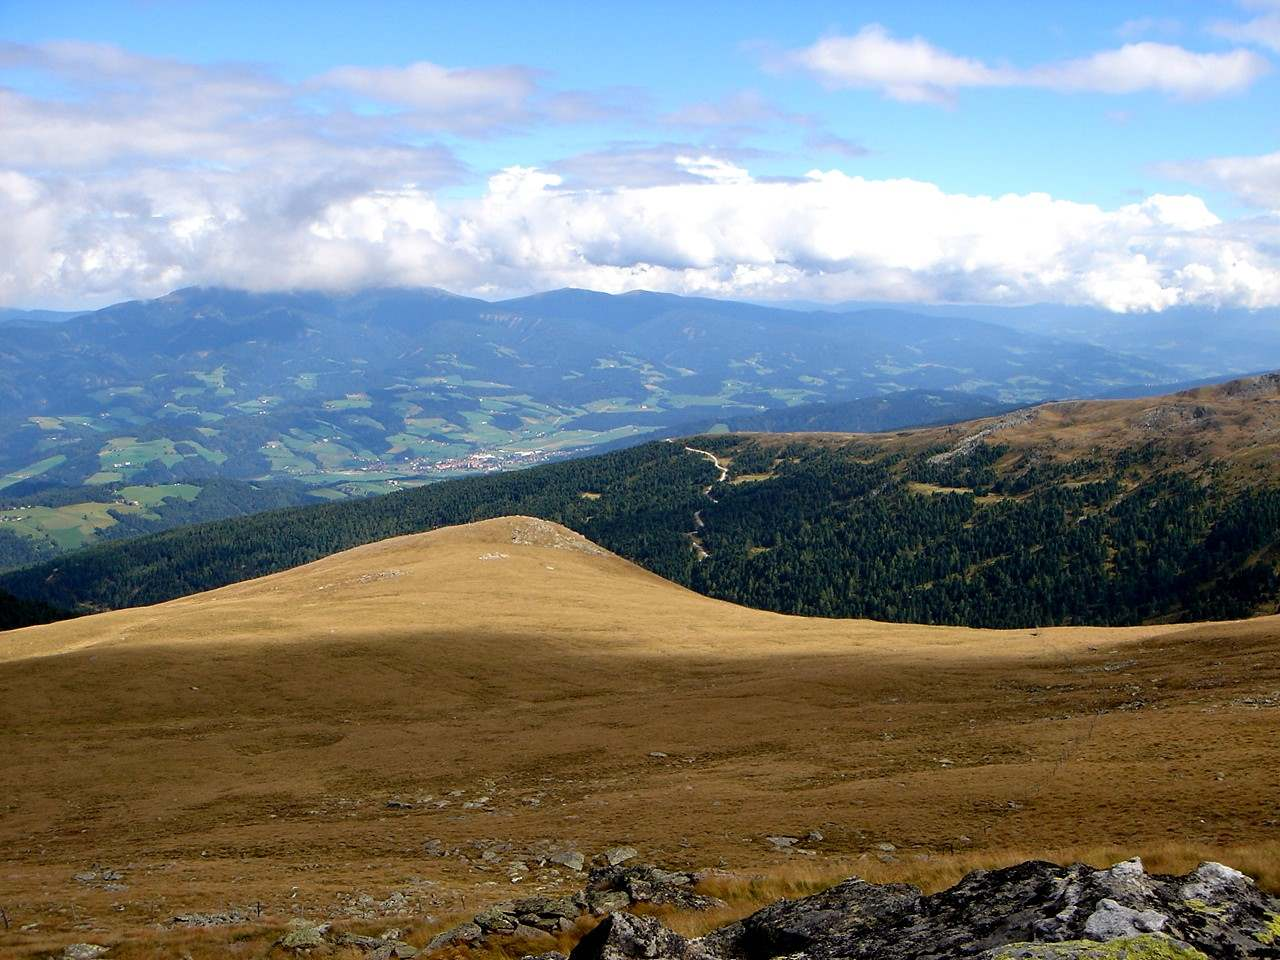 Foto: Manfred Karl / Wander Tour / Kreiskogel - Zirbitzkogel / Aussicht vom Schlosserkogel / 19.06.2007 05:44:27